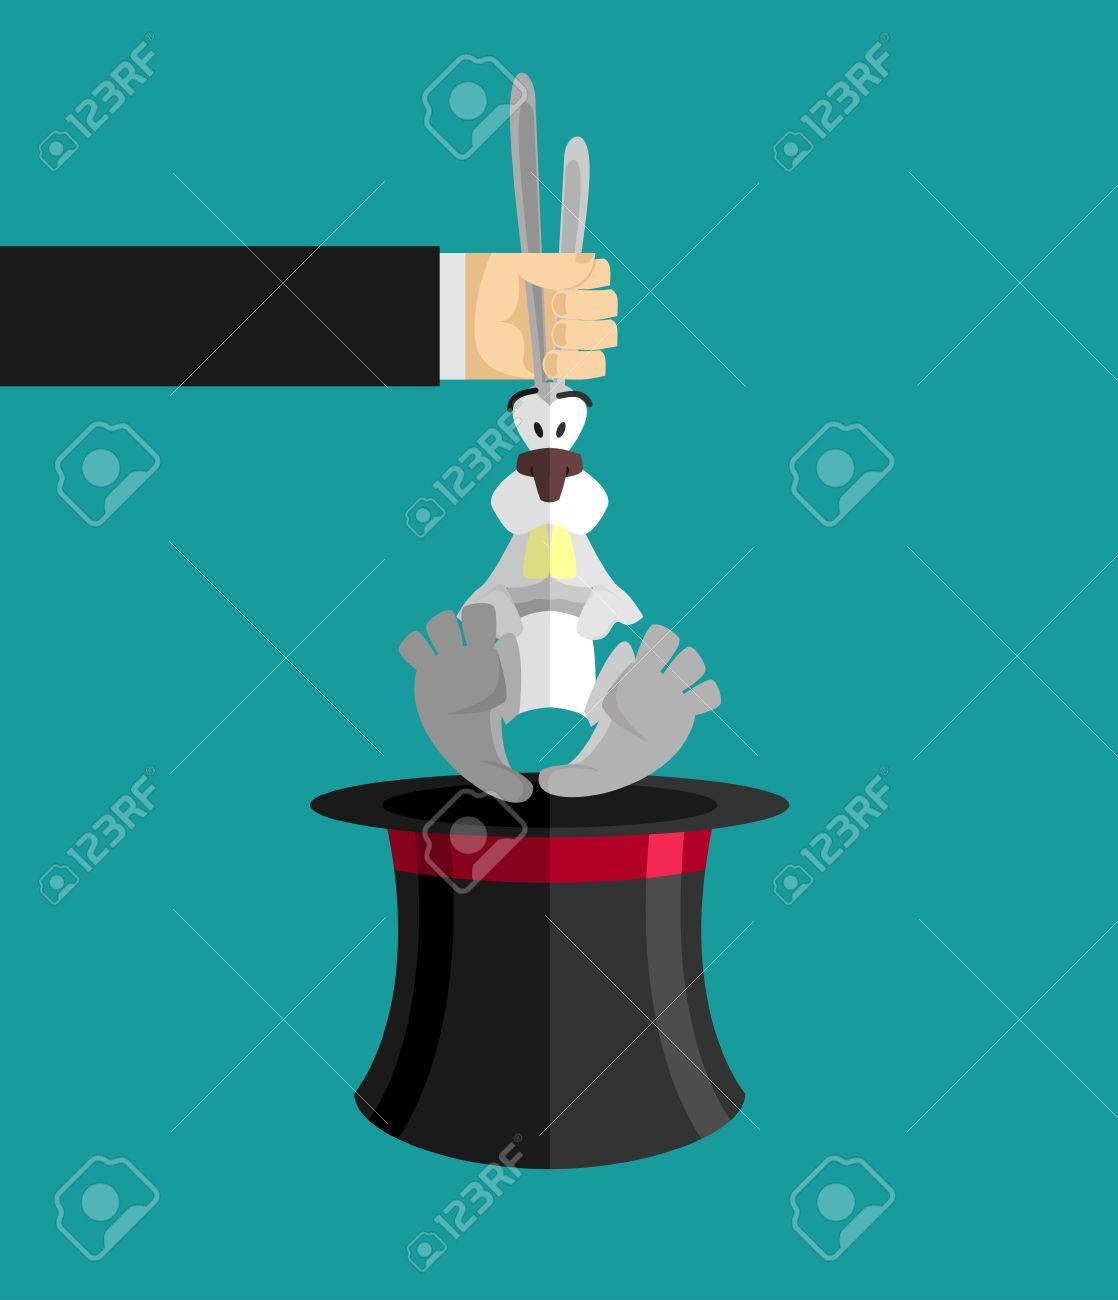 Foto de archivo - Truco de magia de conejo en el sombrero. Mágico gorra y  conejo. ilusionista animales 30641949cc5